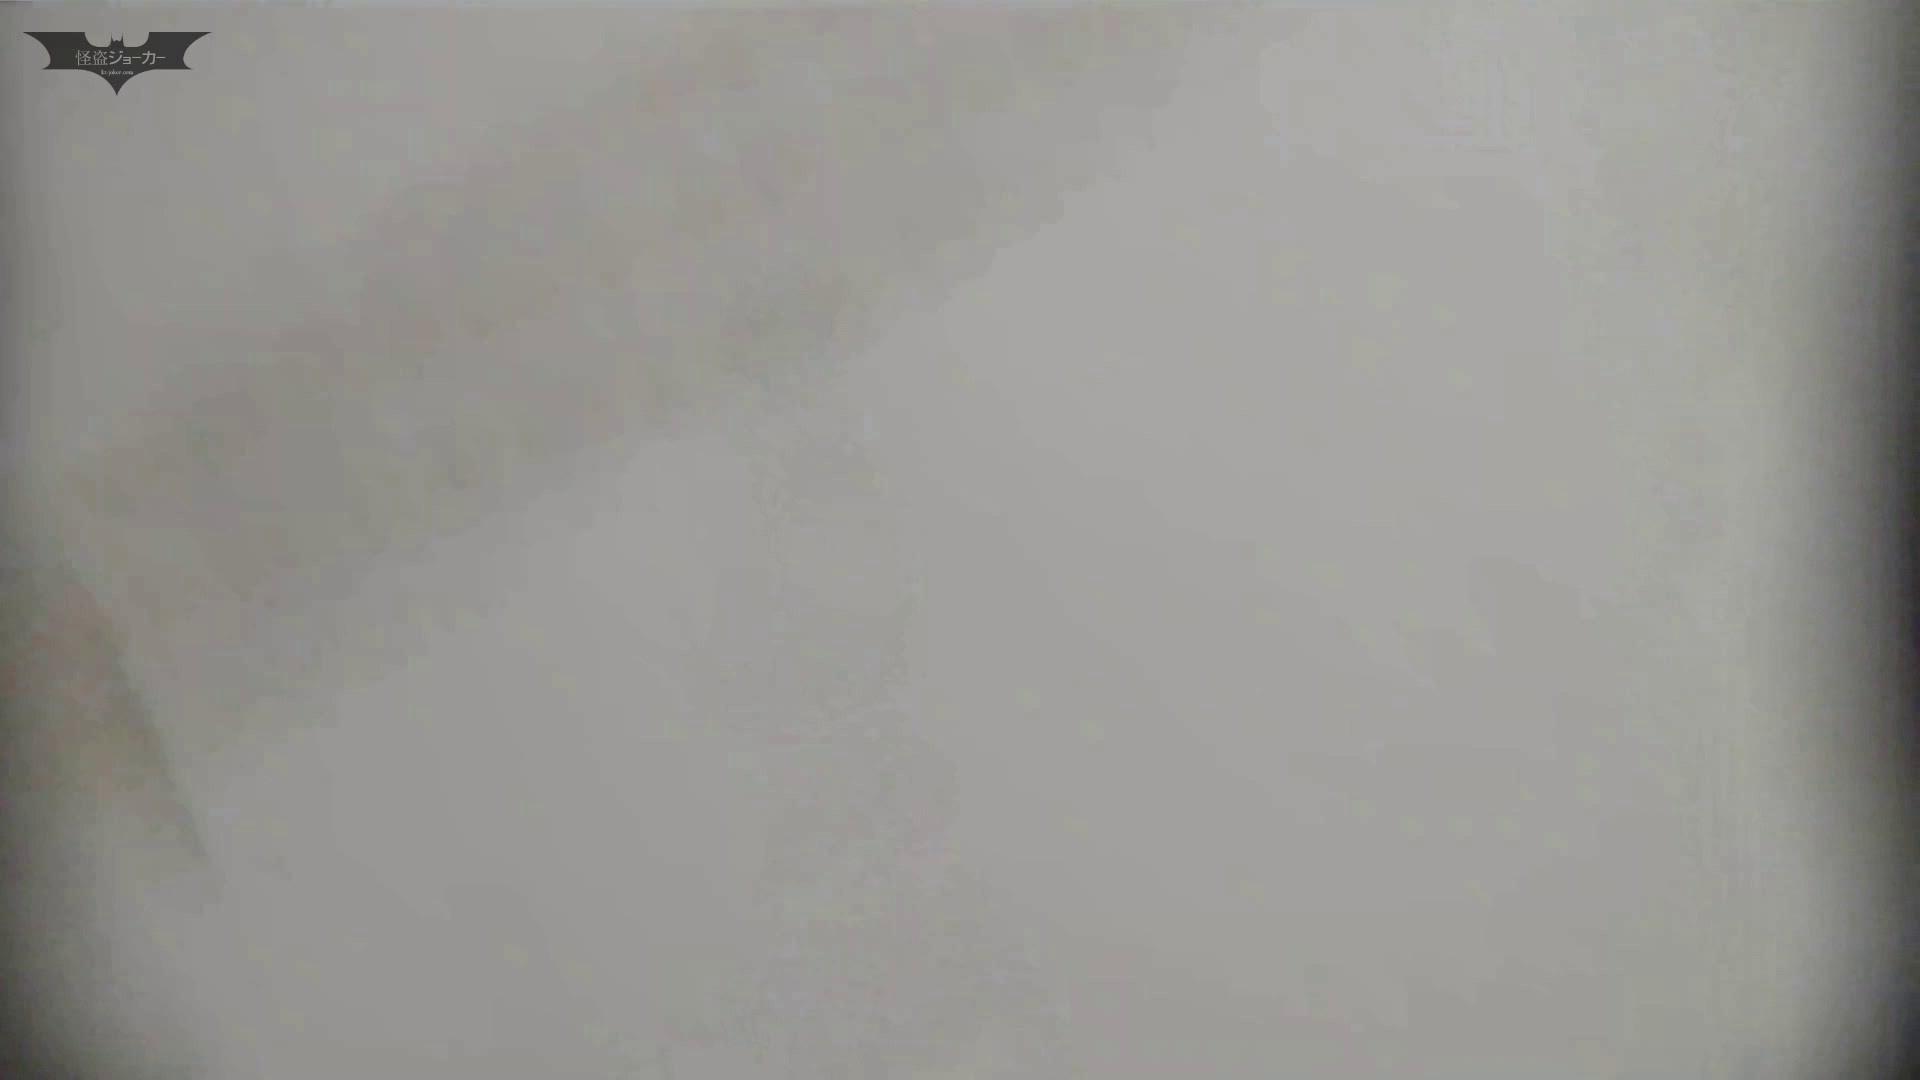 ▲復活限定D▲洗面所特攻隊 vol.62 ピチピチの若さ! In JAPAN 高画質 オマンコ動画キャプチャ 113画像 11